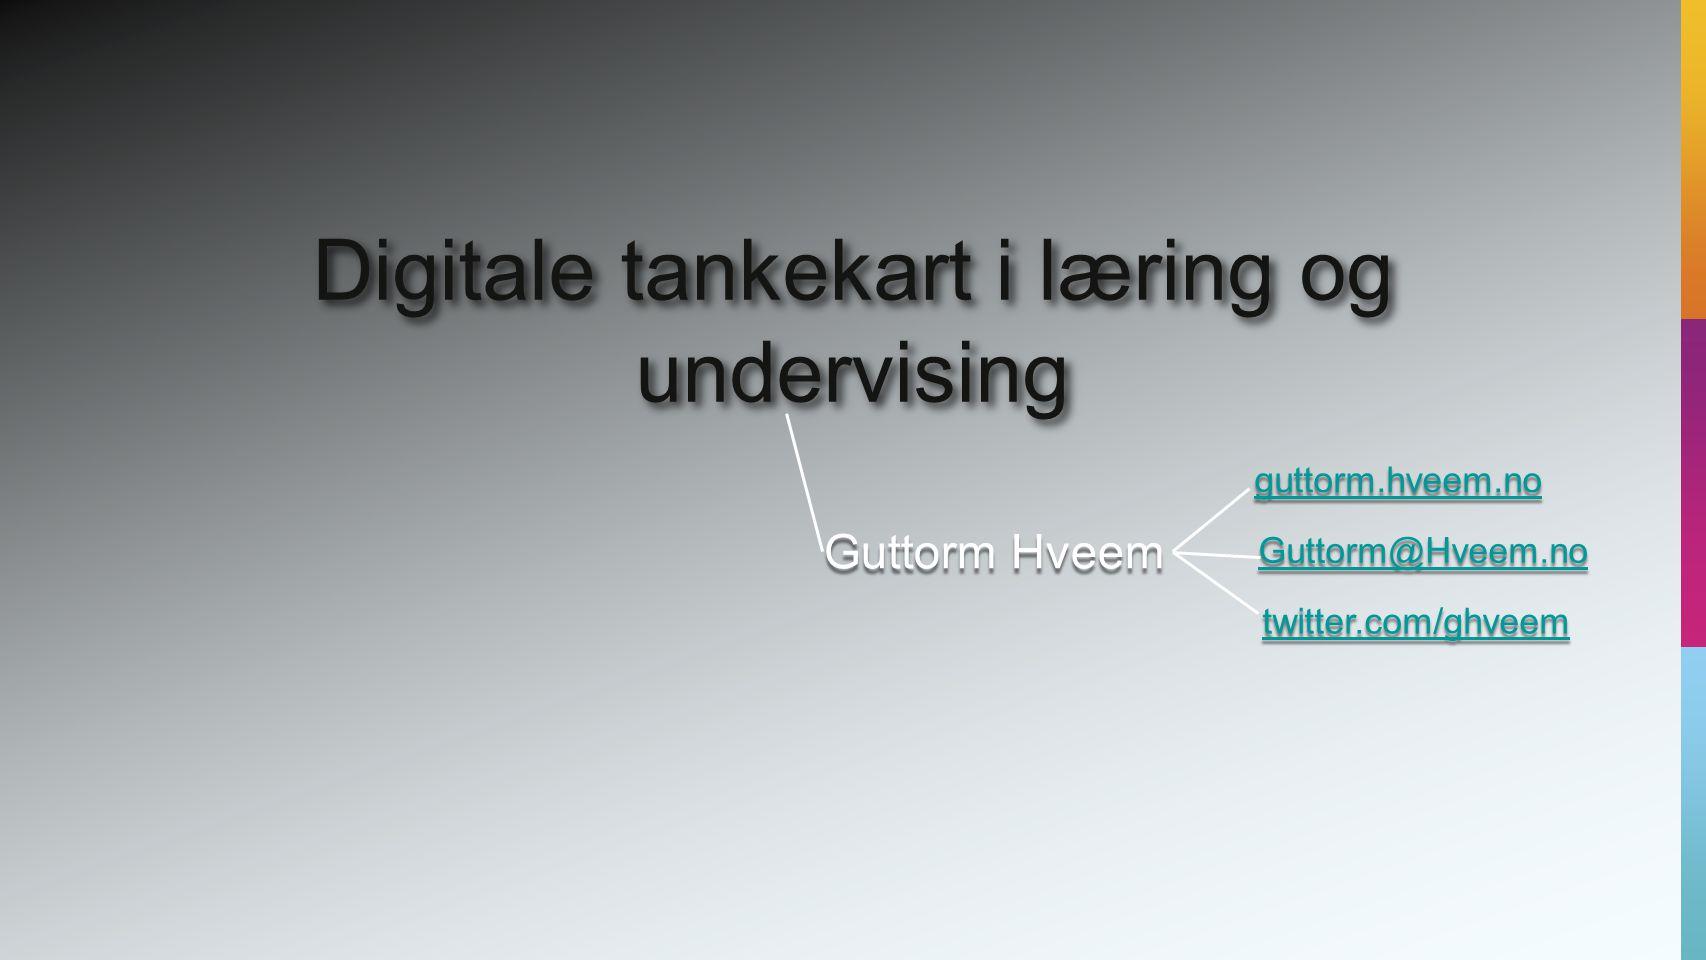 Guttorm Hveem Digitale tankekart i læring og undervising guttorm.hveem.no Guttorm@Hveem.no twitter.com/ghveem